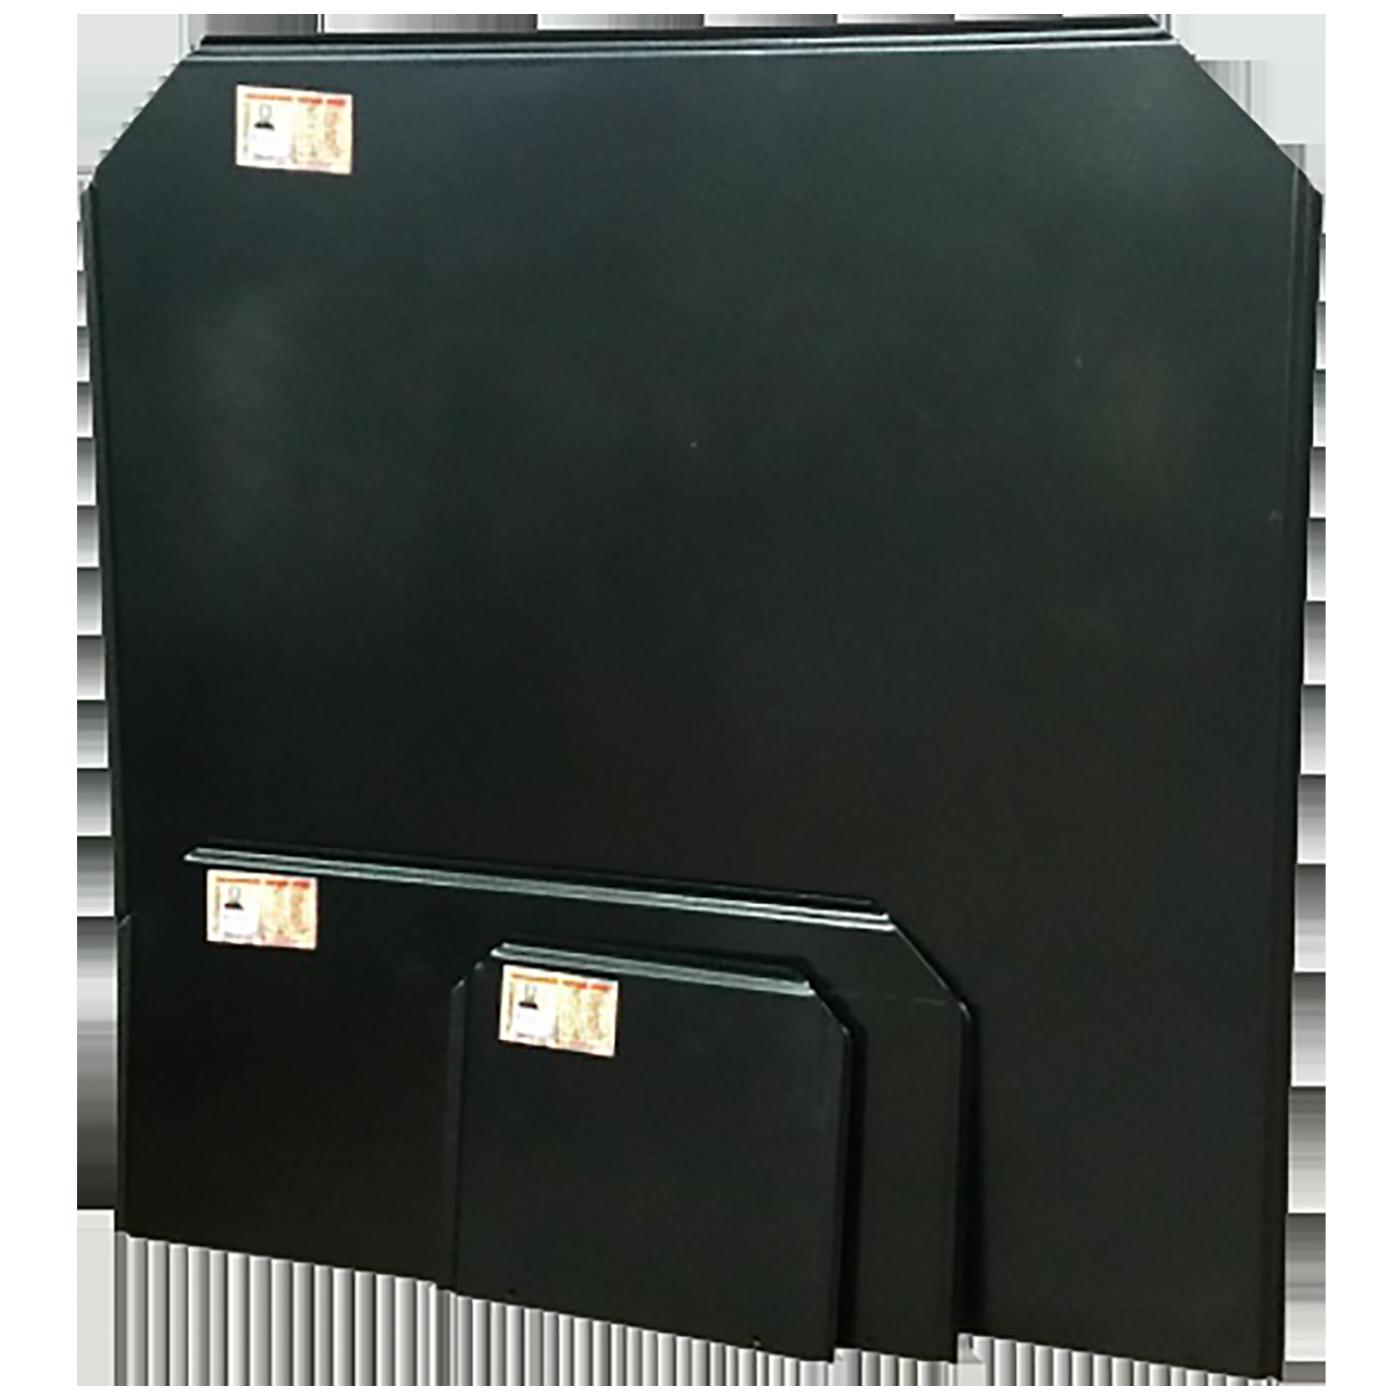 NN - Podmetač za peć 1x350x750